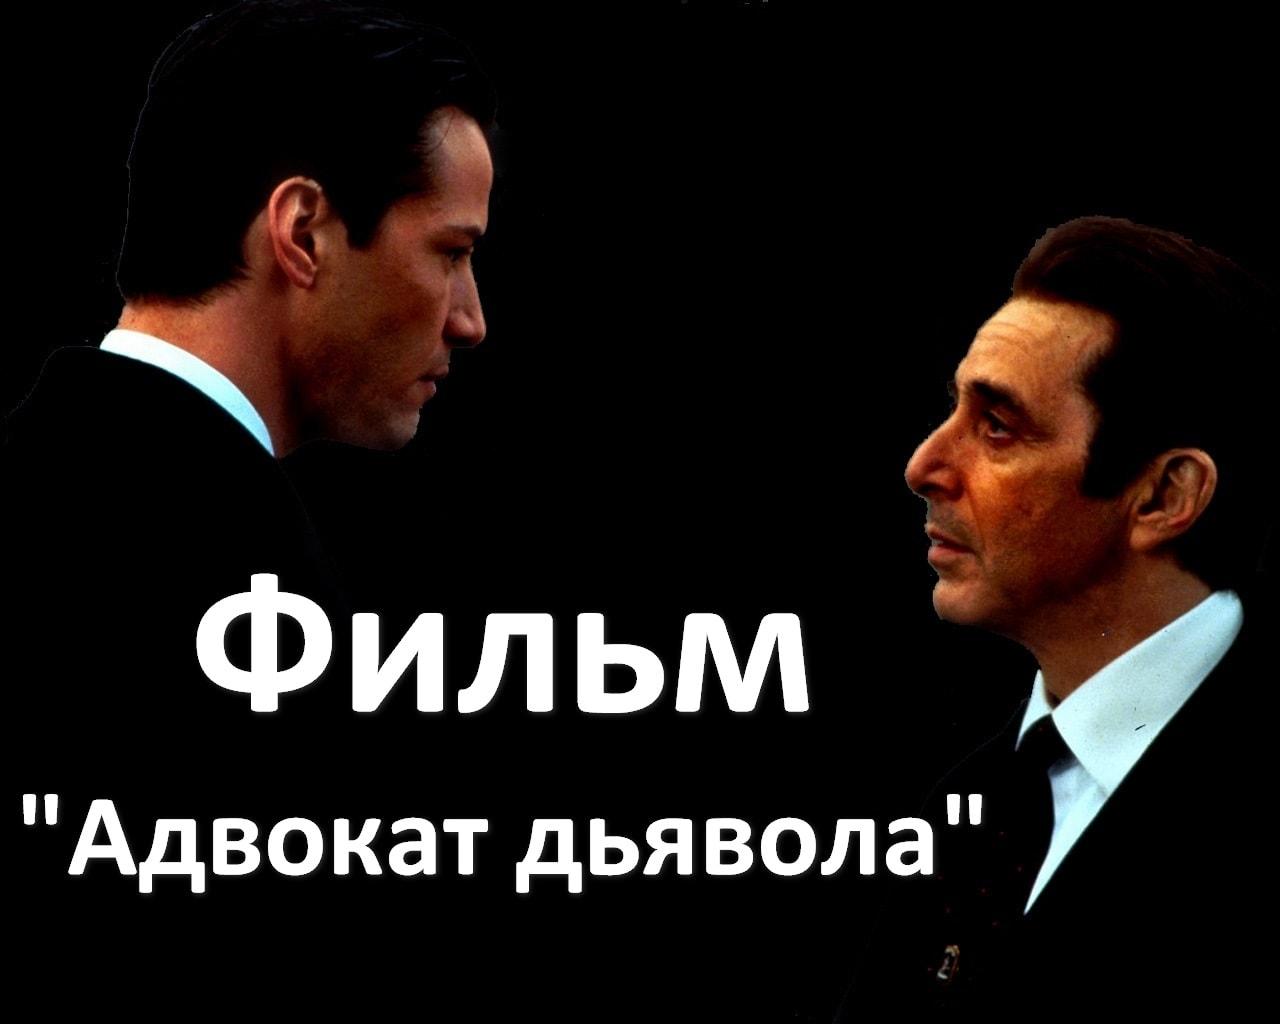 Фильм «Адвокат дьявола»